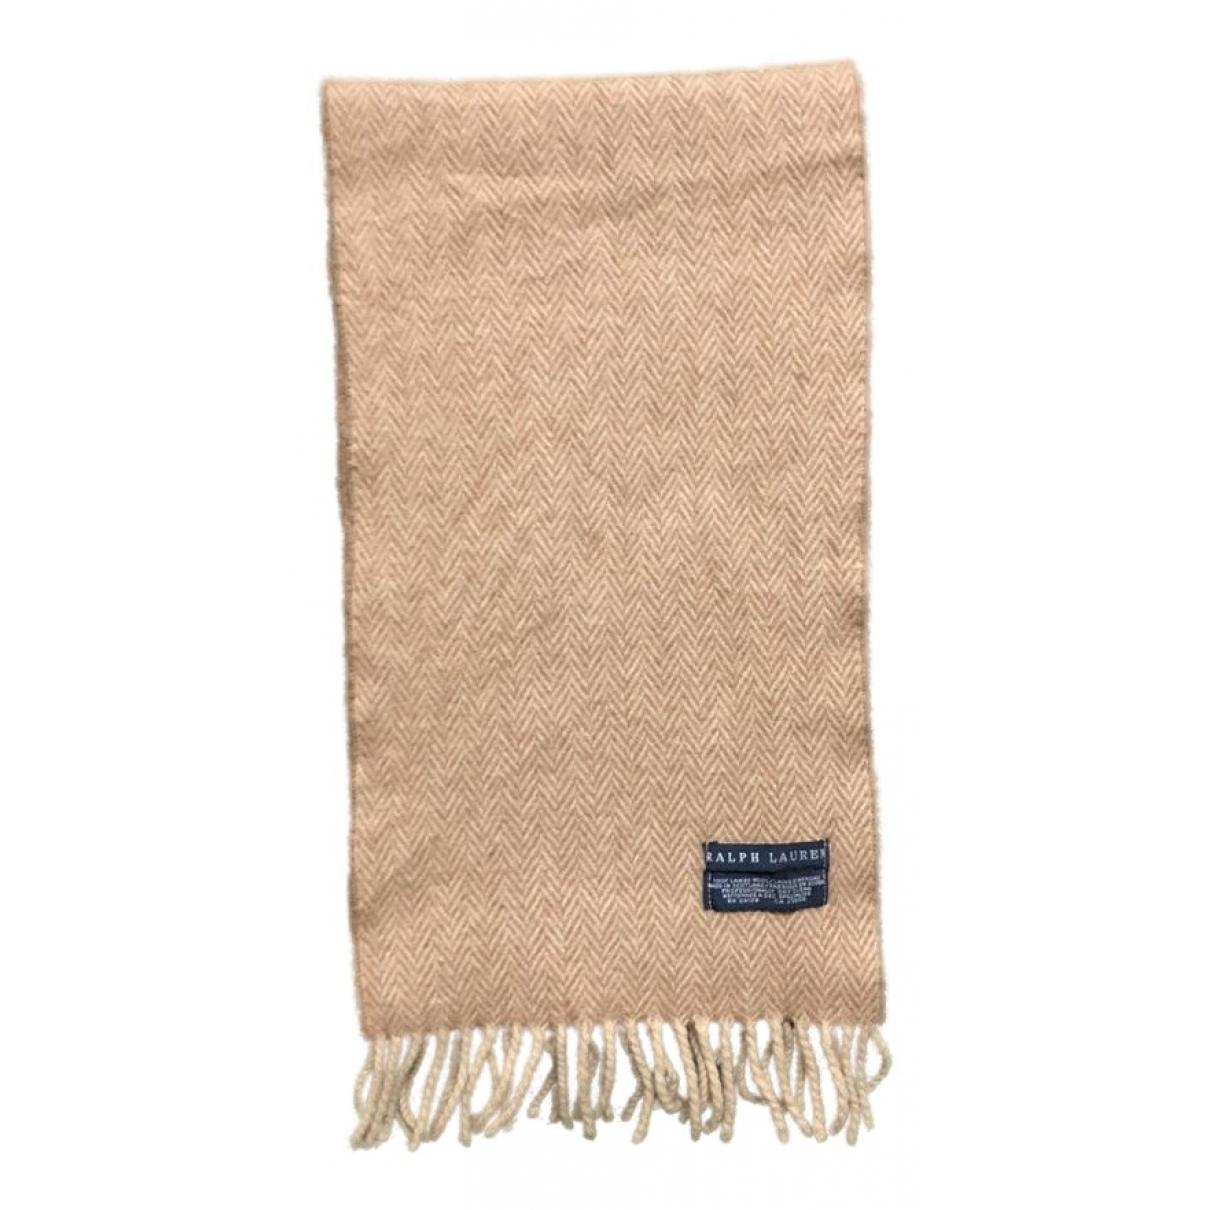 Ralph Lauren \N Schal in  Khaki Wolle